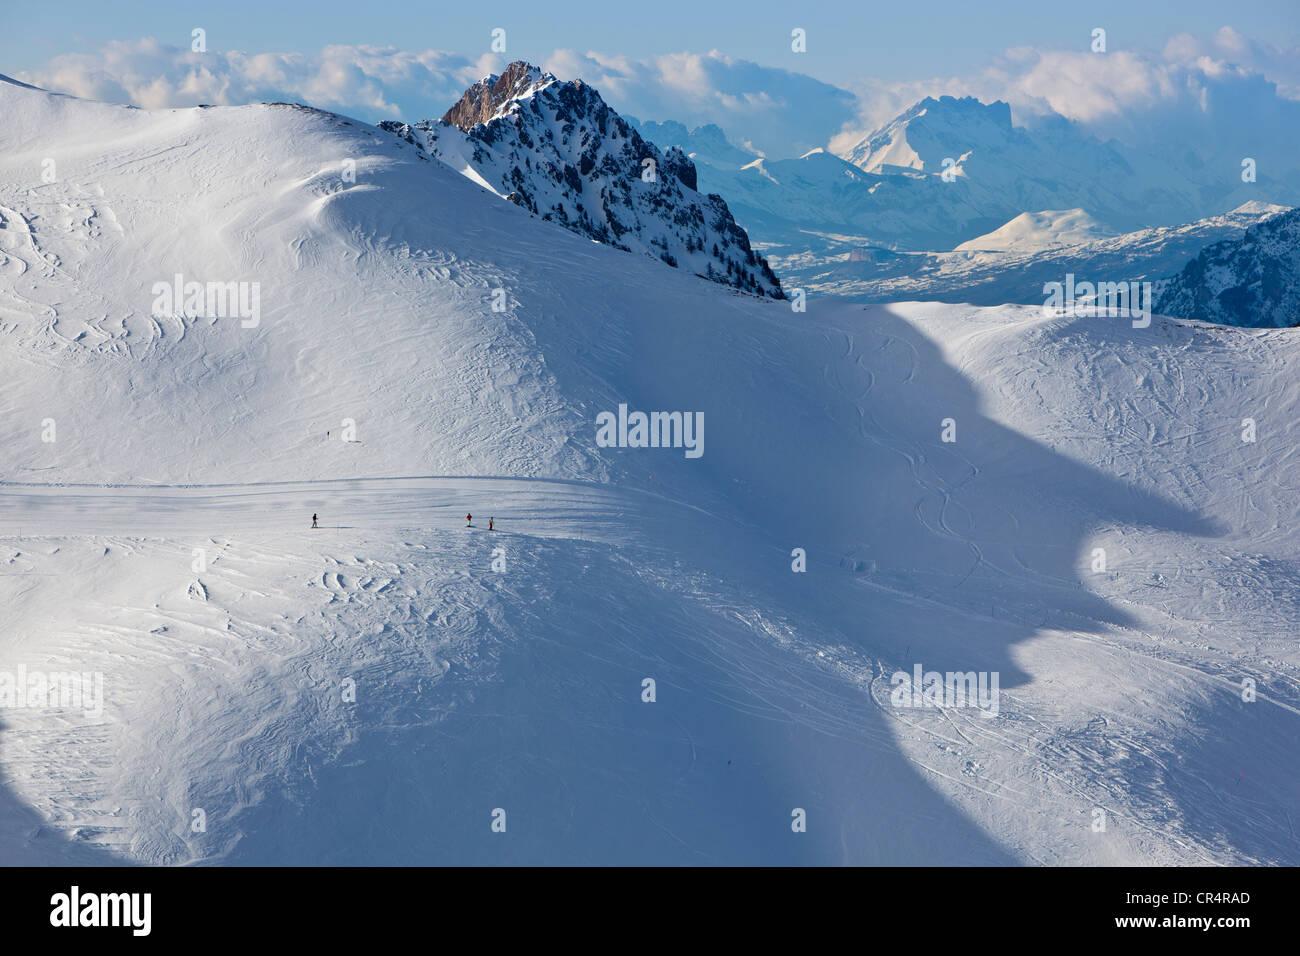 France, Alpes de Haute Provence, Praloup, marmots piste - Stock Image